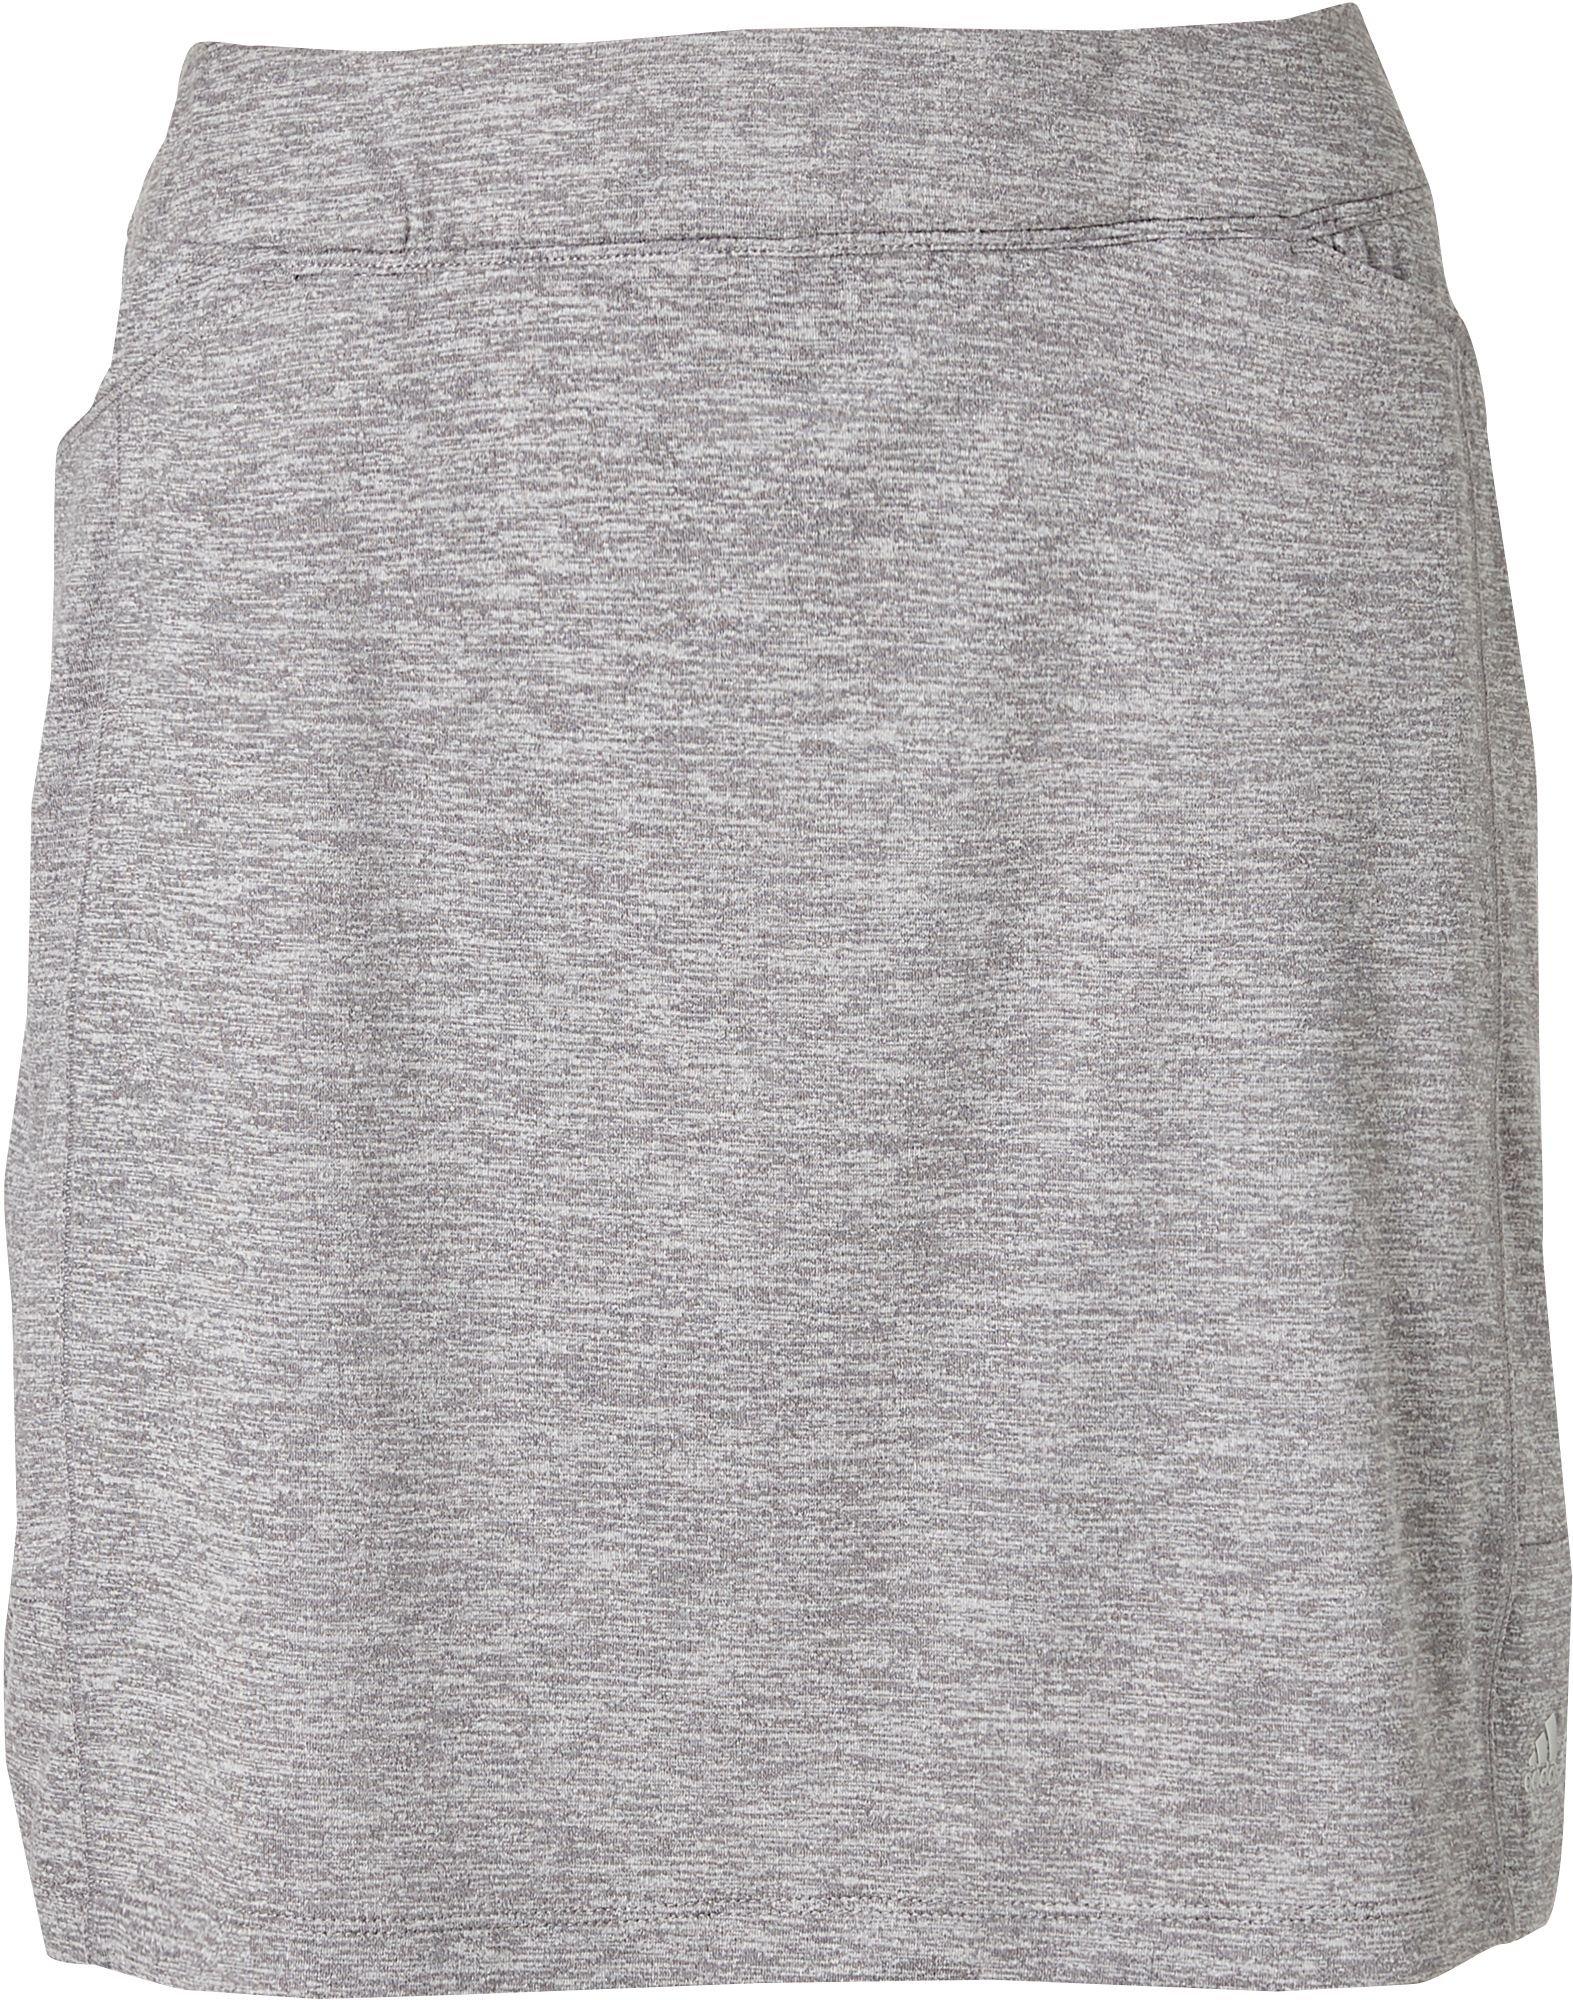 adidas Womens Advantage Golf Skort (Grey Three Heather, X-Small) by adidas